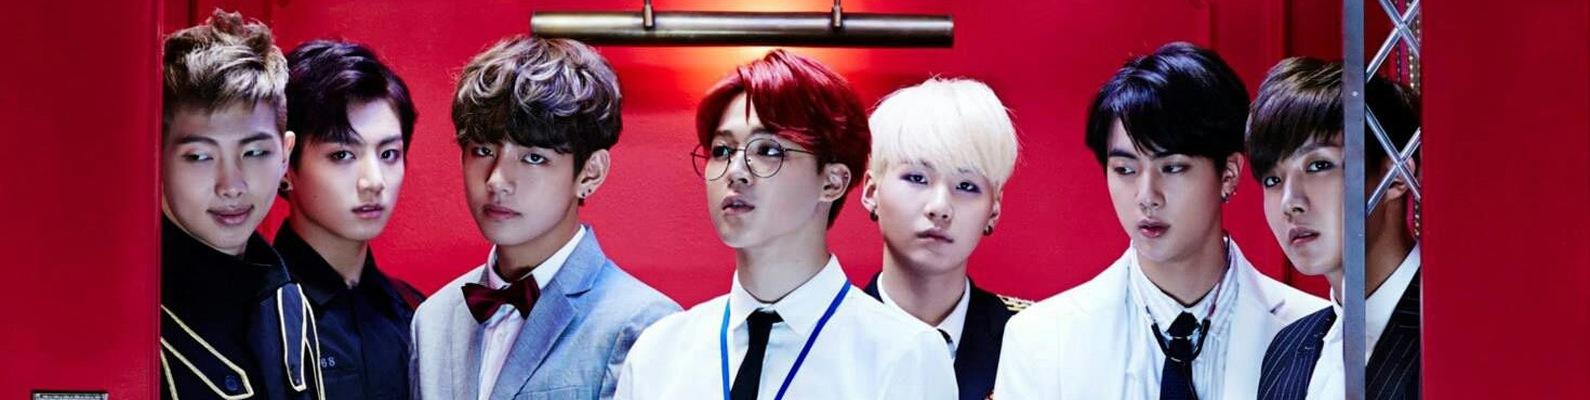 K-pop bts: как bts стали величайшим бойз-бендом современности | vogue russia